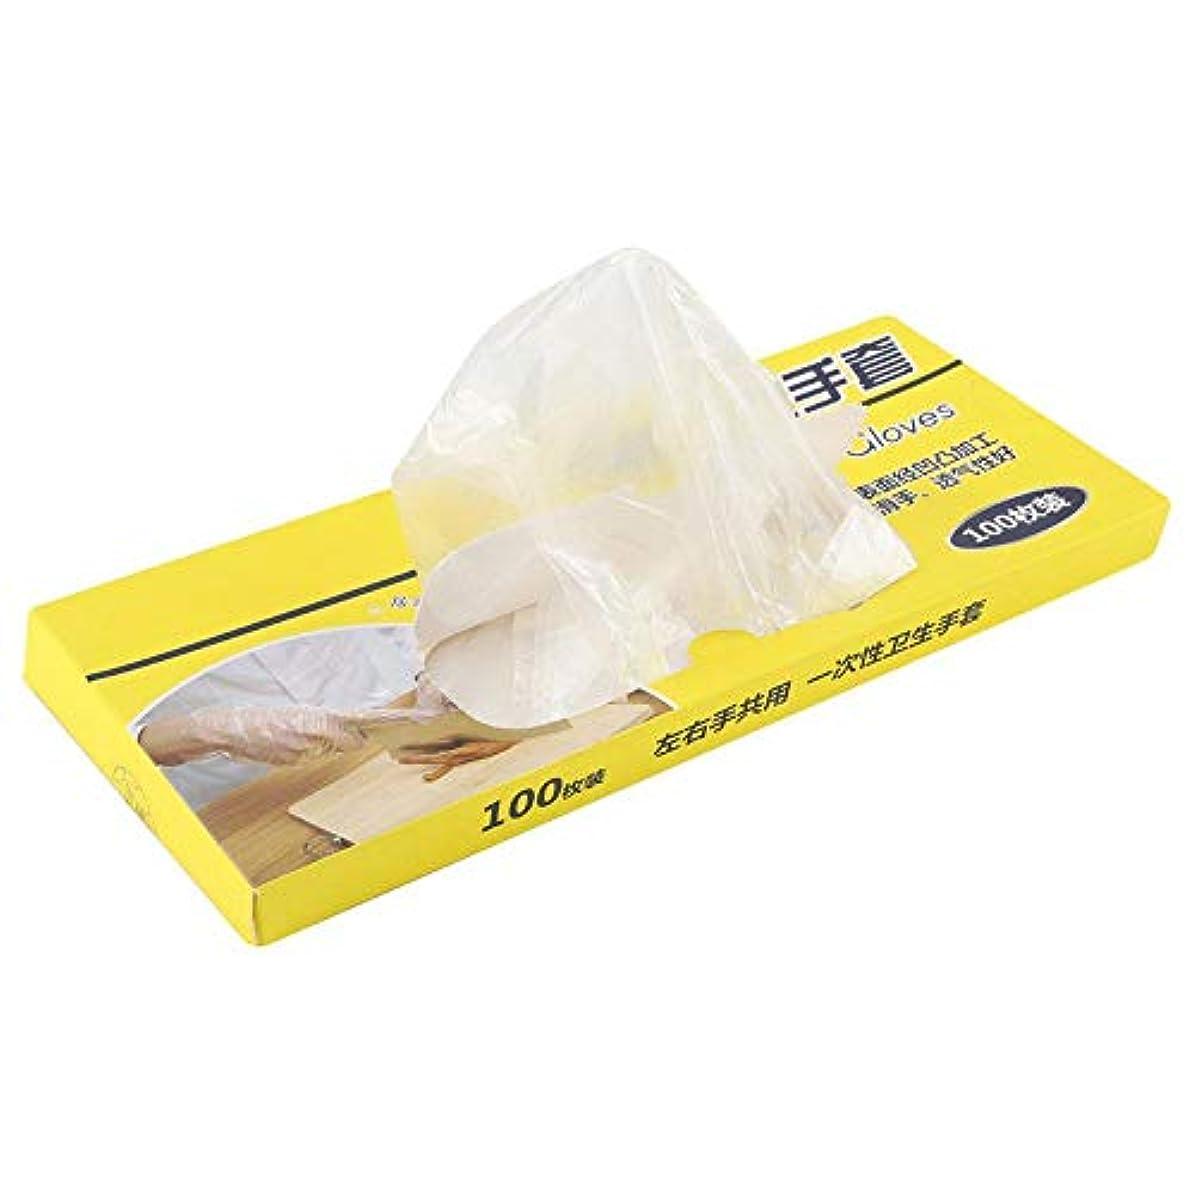 ファイバフェンス発行するYosoo 100pcs 使い捨てポリ手袋 使い捨て手袋 極薄手袋 調理 お掃除 使い捨て手袋 極薄ビニール手袋 透明 実用 衛生